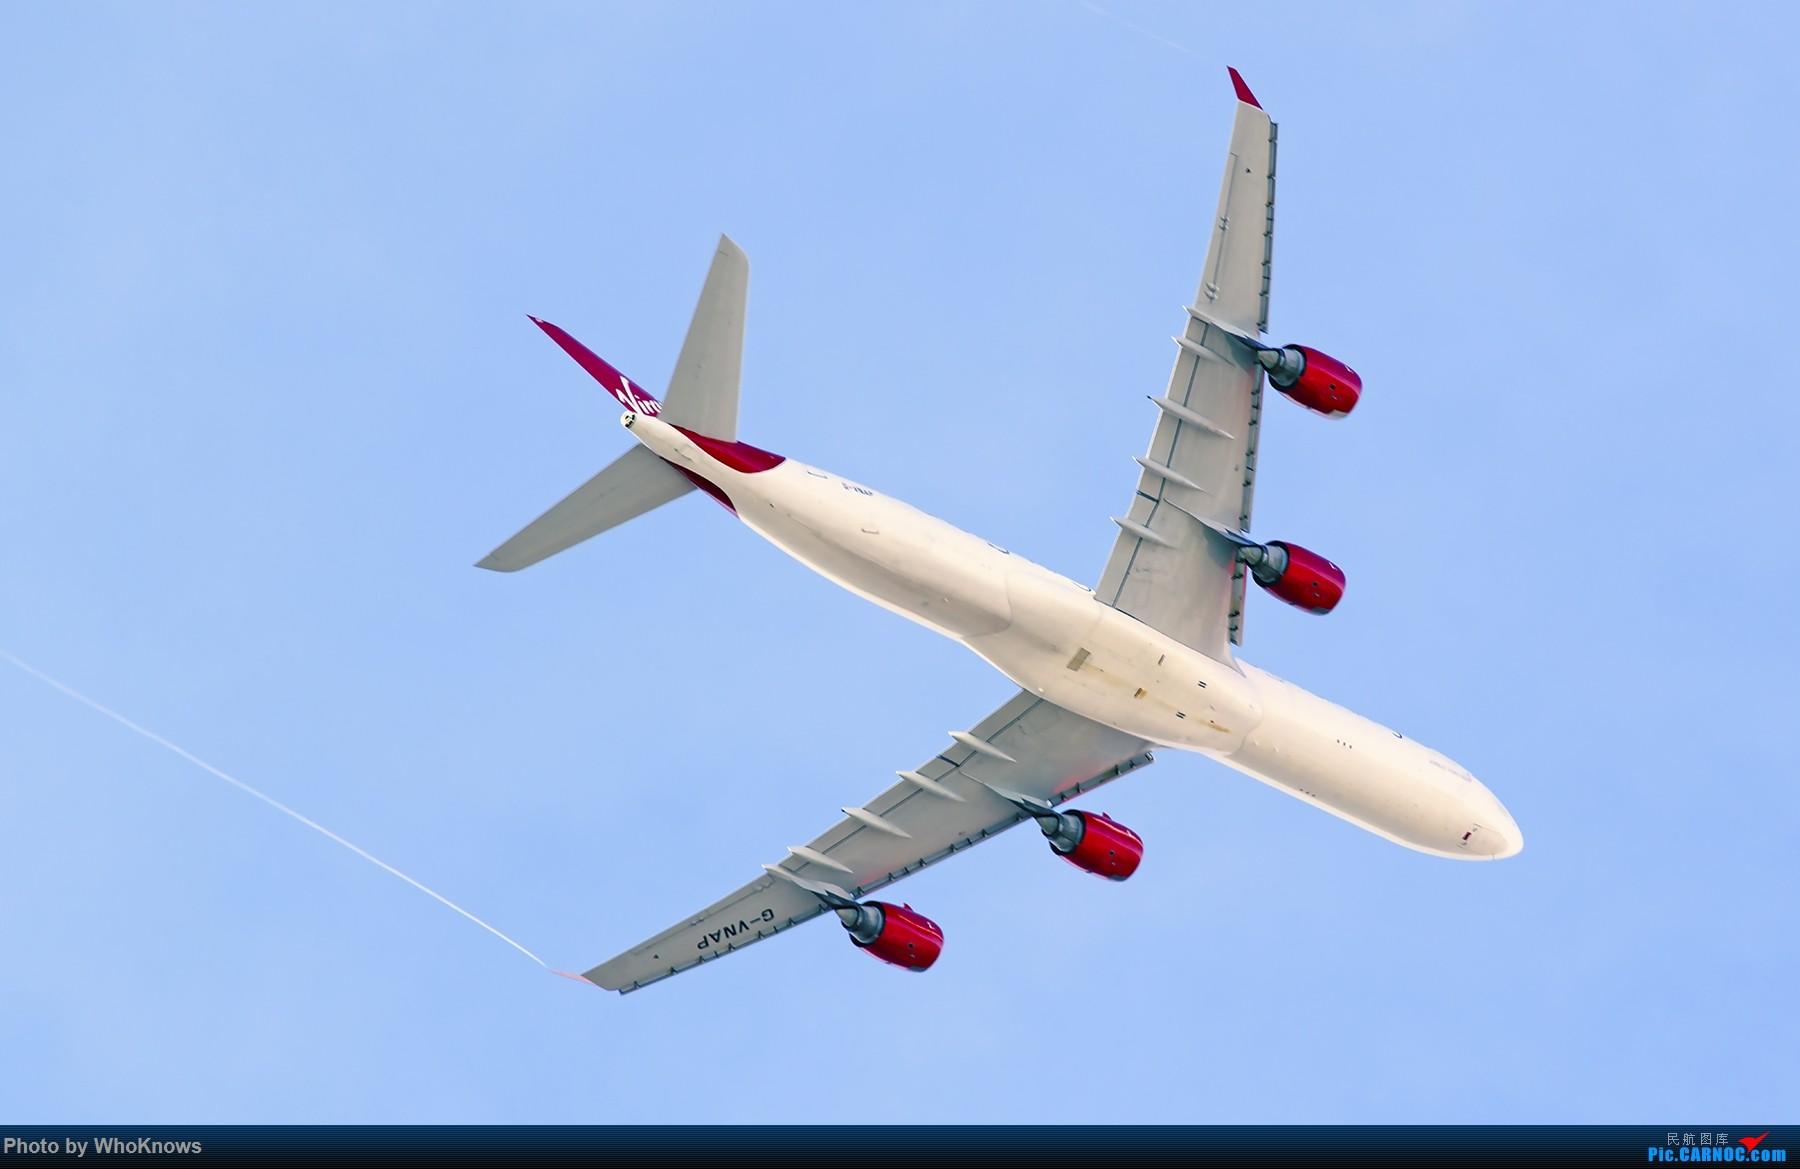 [原创]JFK雪过天晴 AIRBUS A340-600 G-VNAP 美国纽约约翰·菲茨杰拉德·肯尼迪国际机场